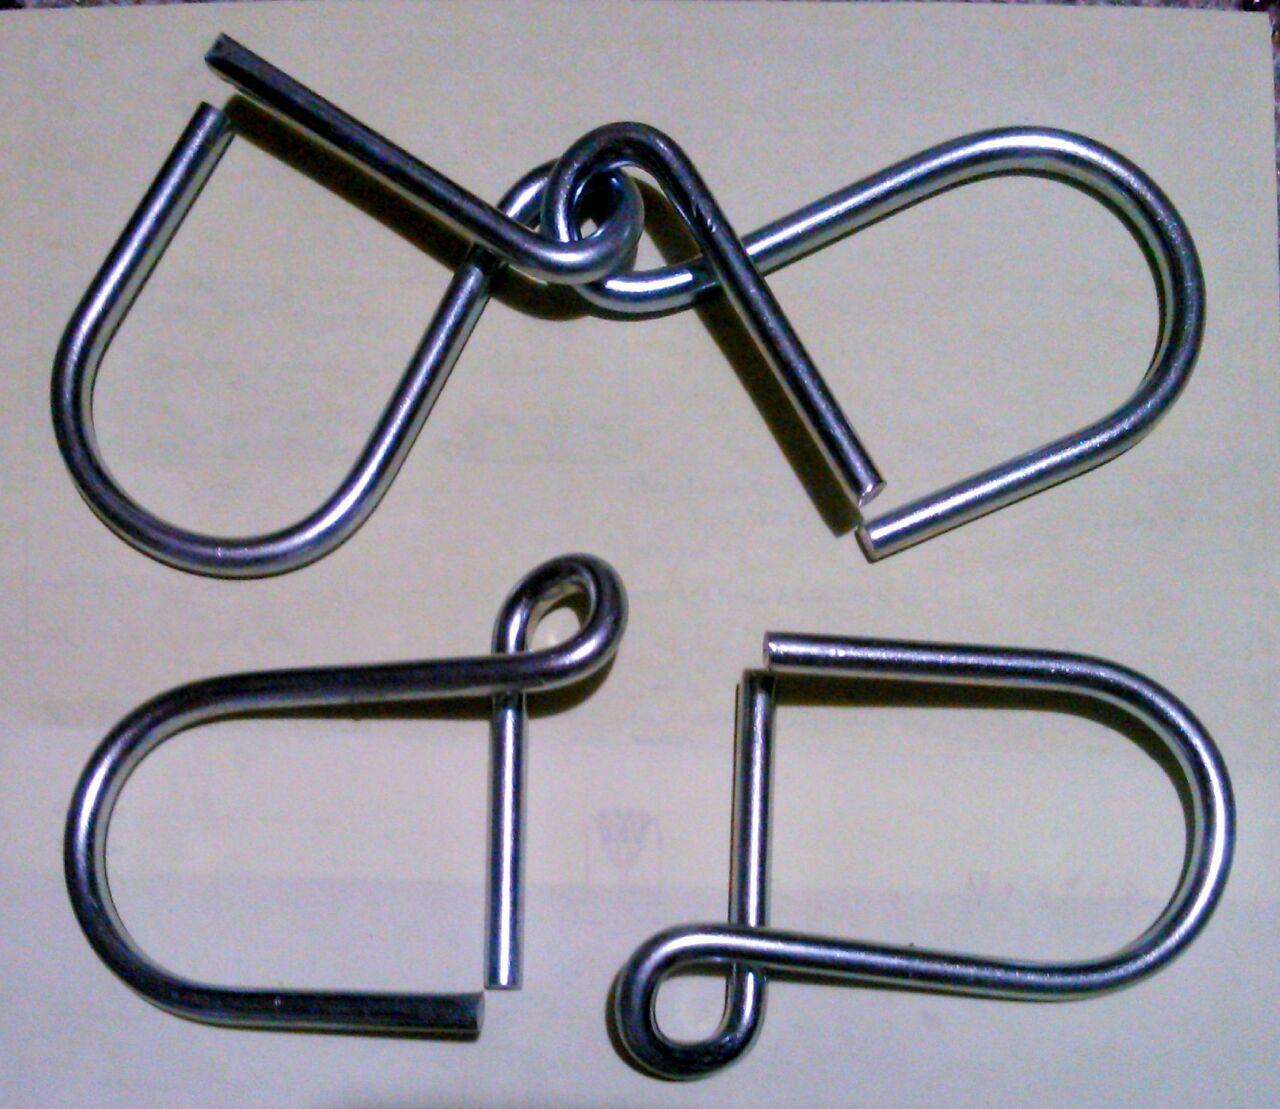 گره فلزی qD(بدون بسته بندی تکی ودرجعبه۶۰عددی برای فروش مغازه-جایزه)